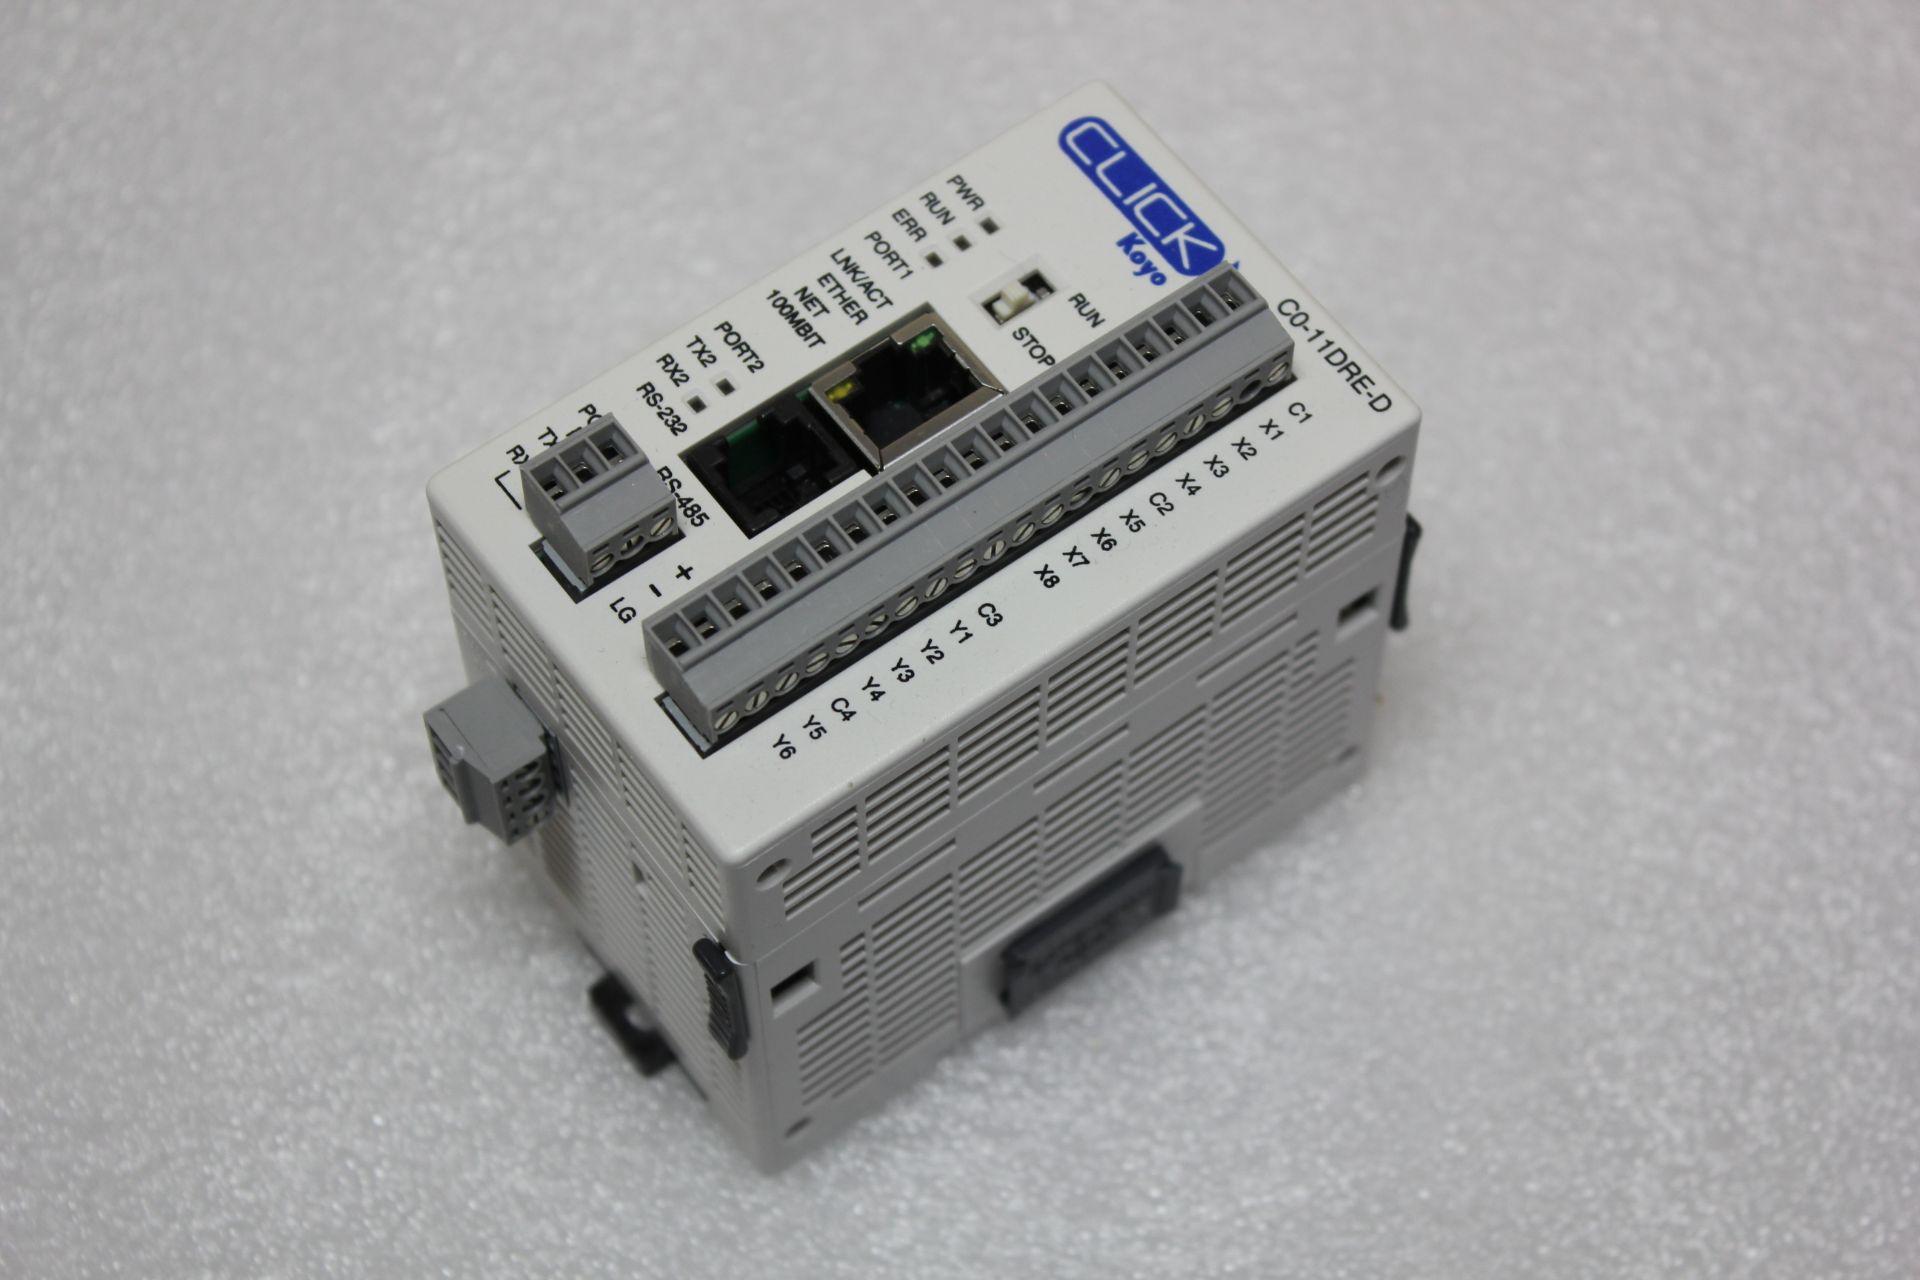 Lot 58 - KOYO CLICK PLC ETHERNET MODULE